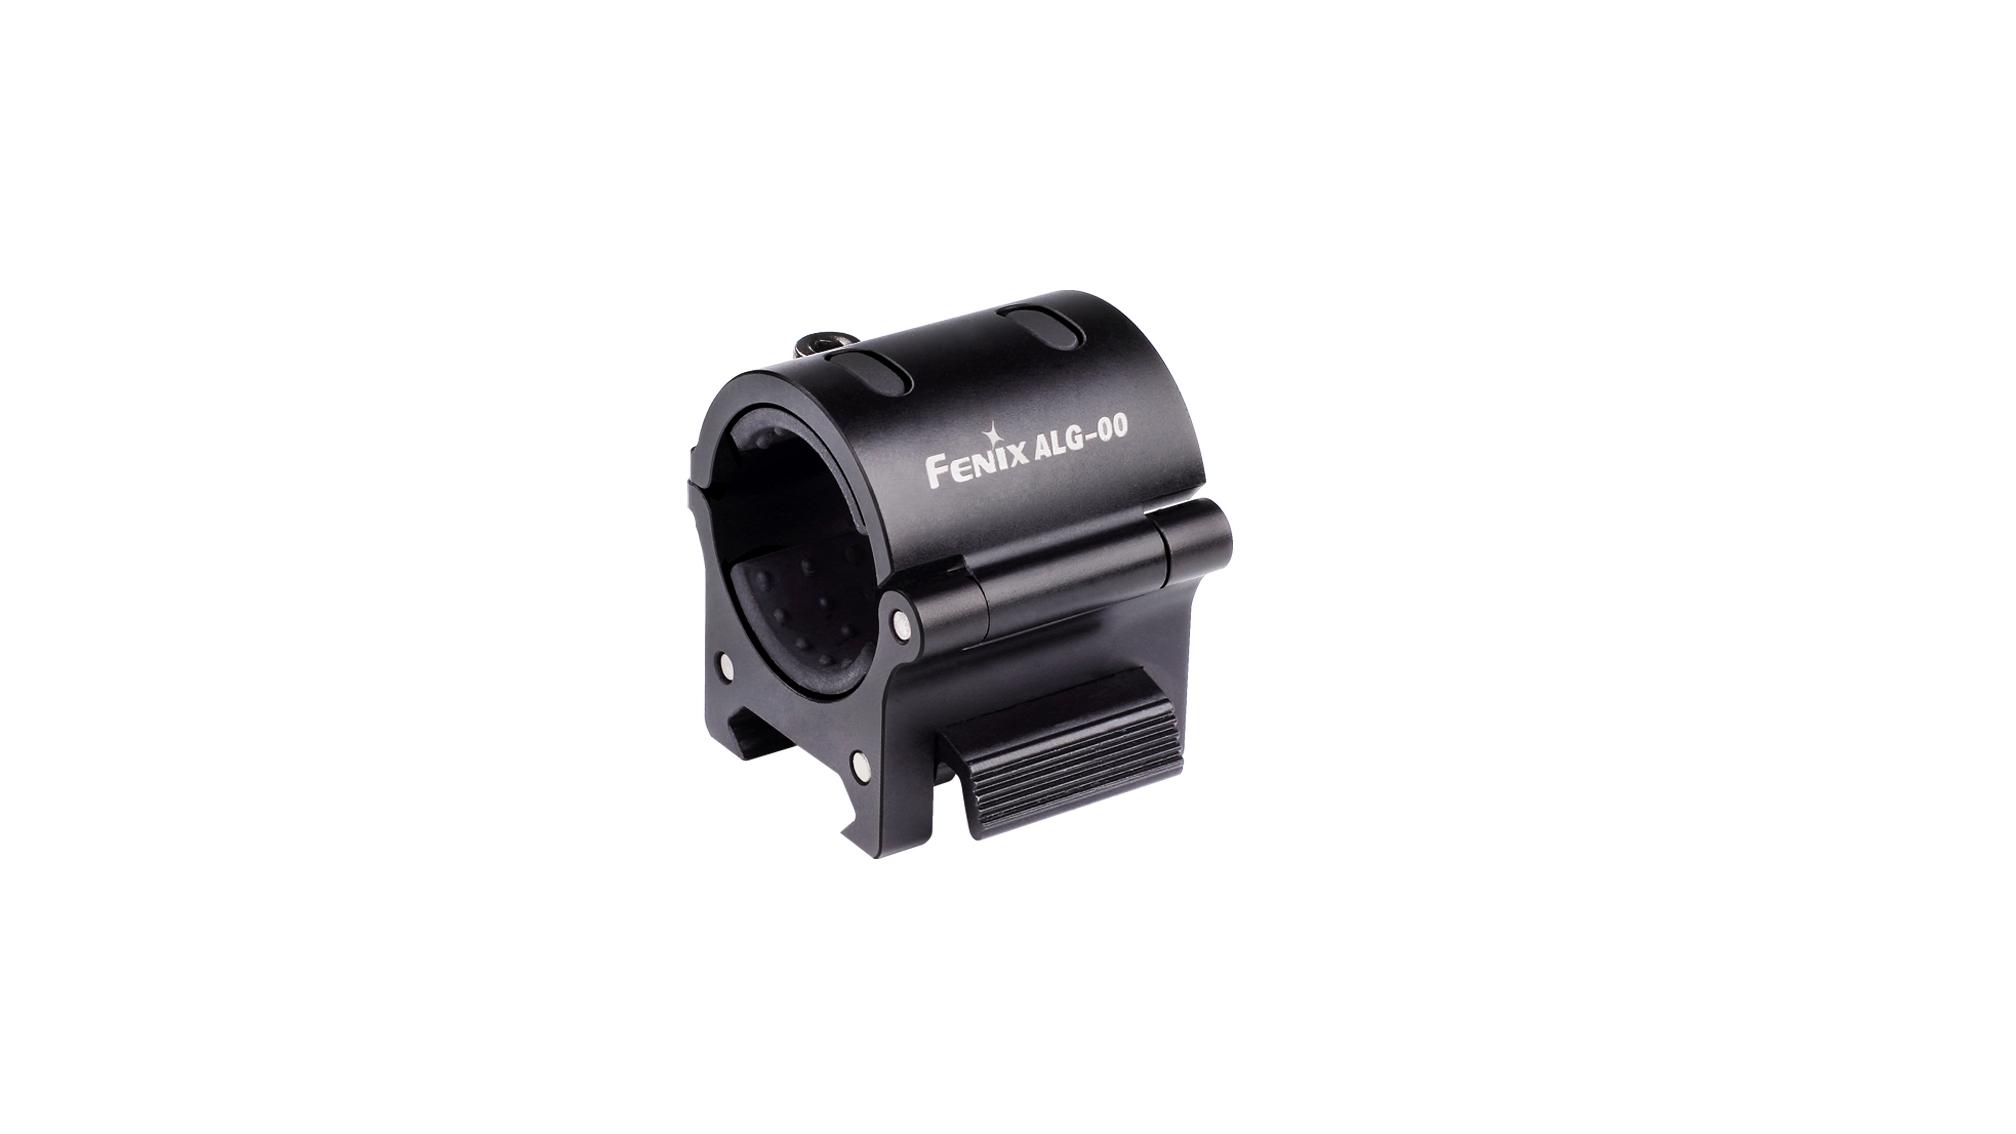 Rychloupínací montáž na zbraňovou lištu Fenix ALG-00